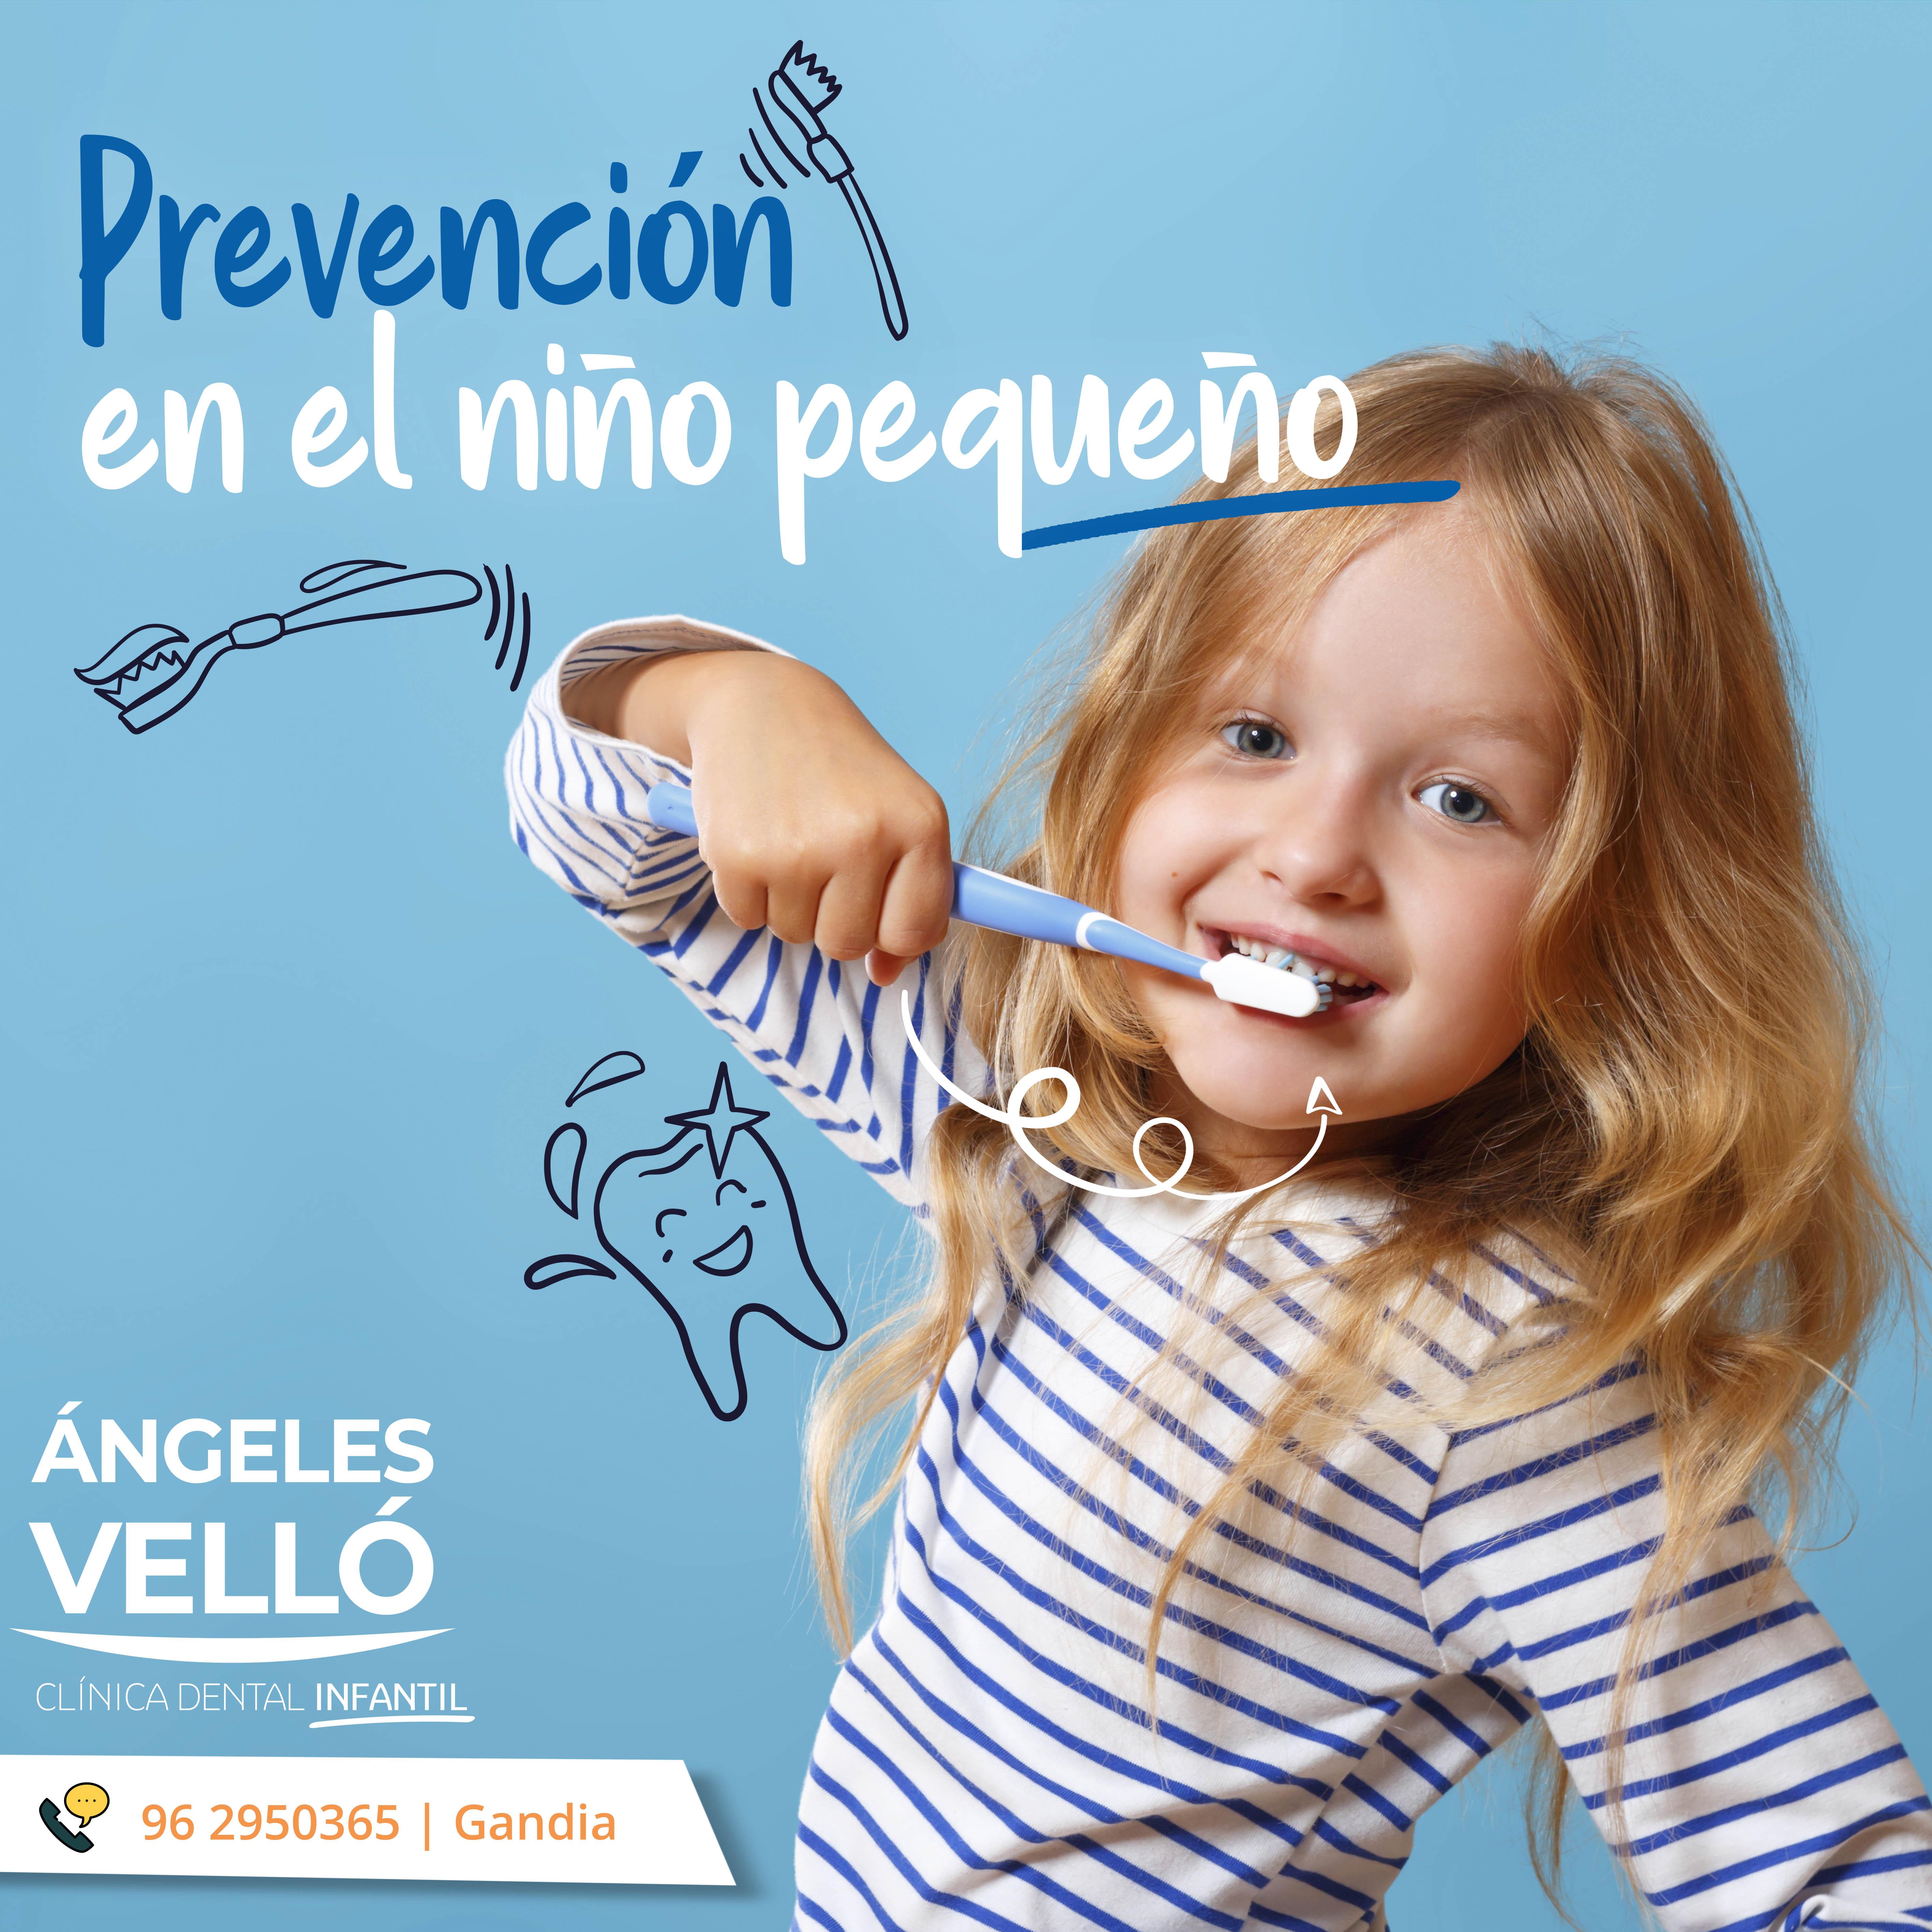 Prevención en el niño pequeño